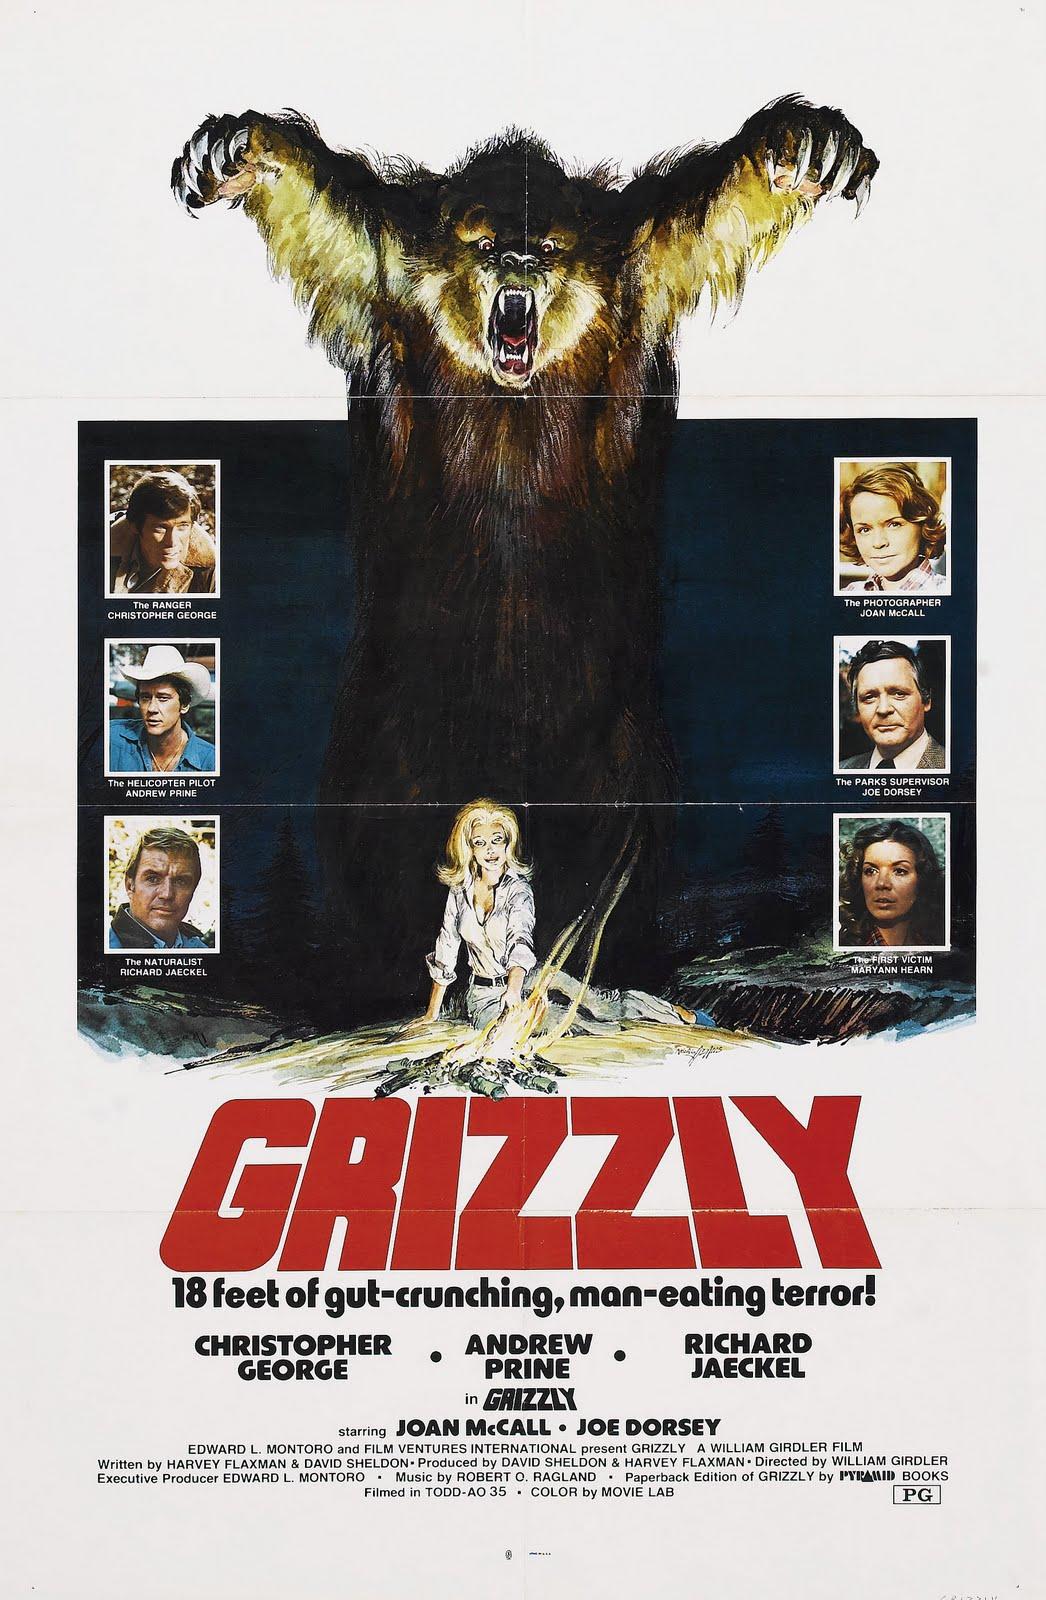 http://2.bp.blogspot.com/-VFIbAdzWjTA/TXn6W_HLrmI/AAAAAAAACNY/mdkEdIbu15Q/s1600/grizzly_poster_01.jpg